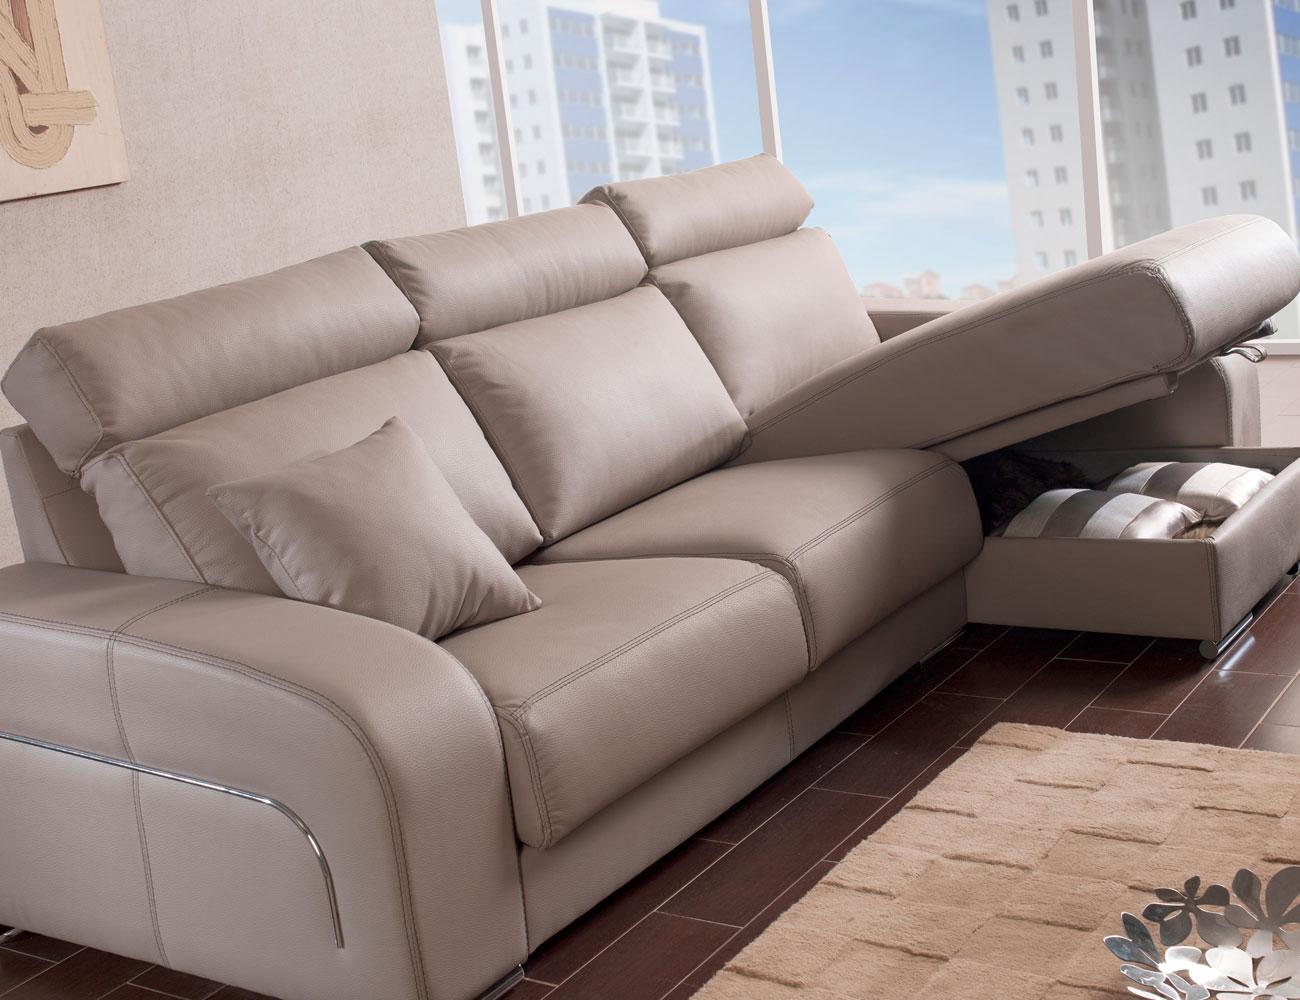 Sofa chaiselongue moderno pared cero arcon45